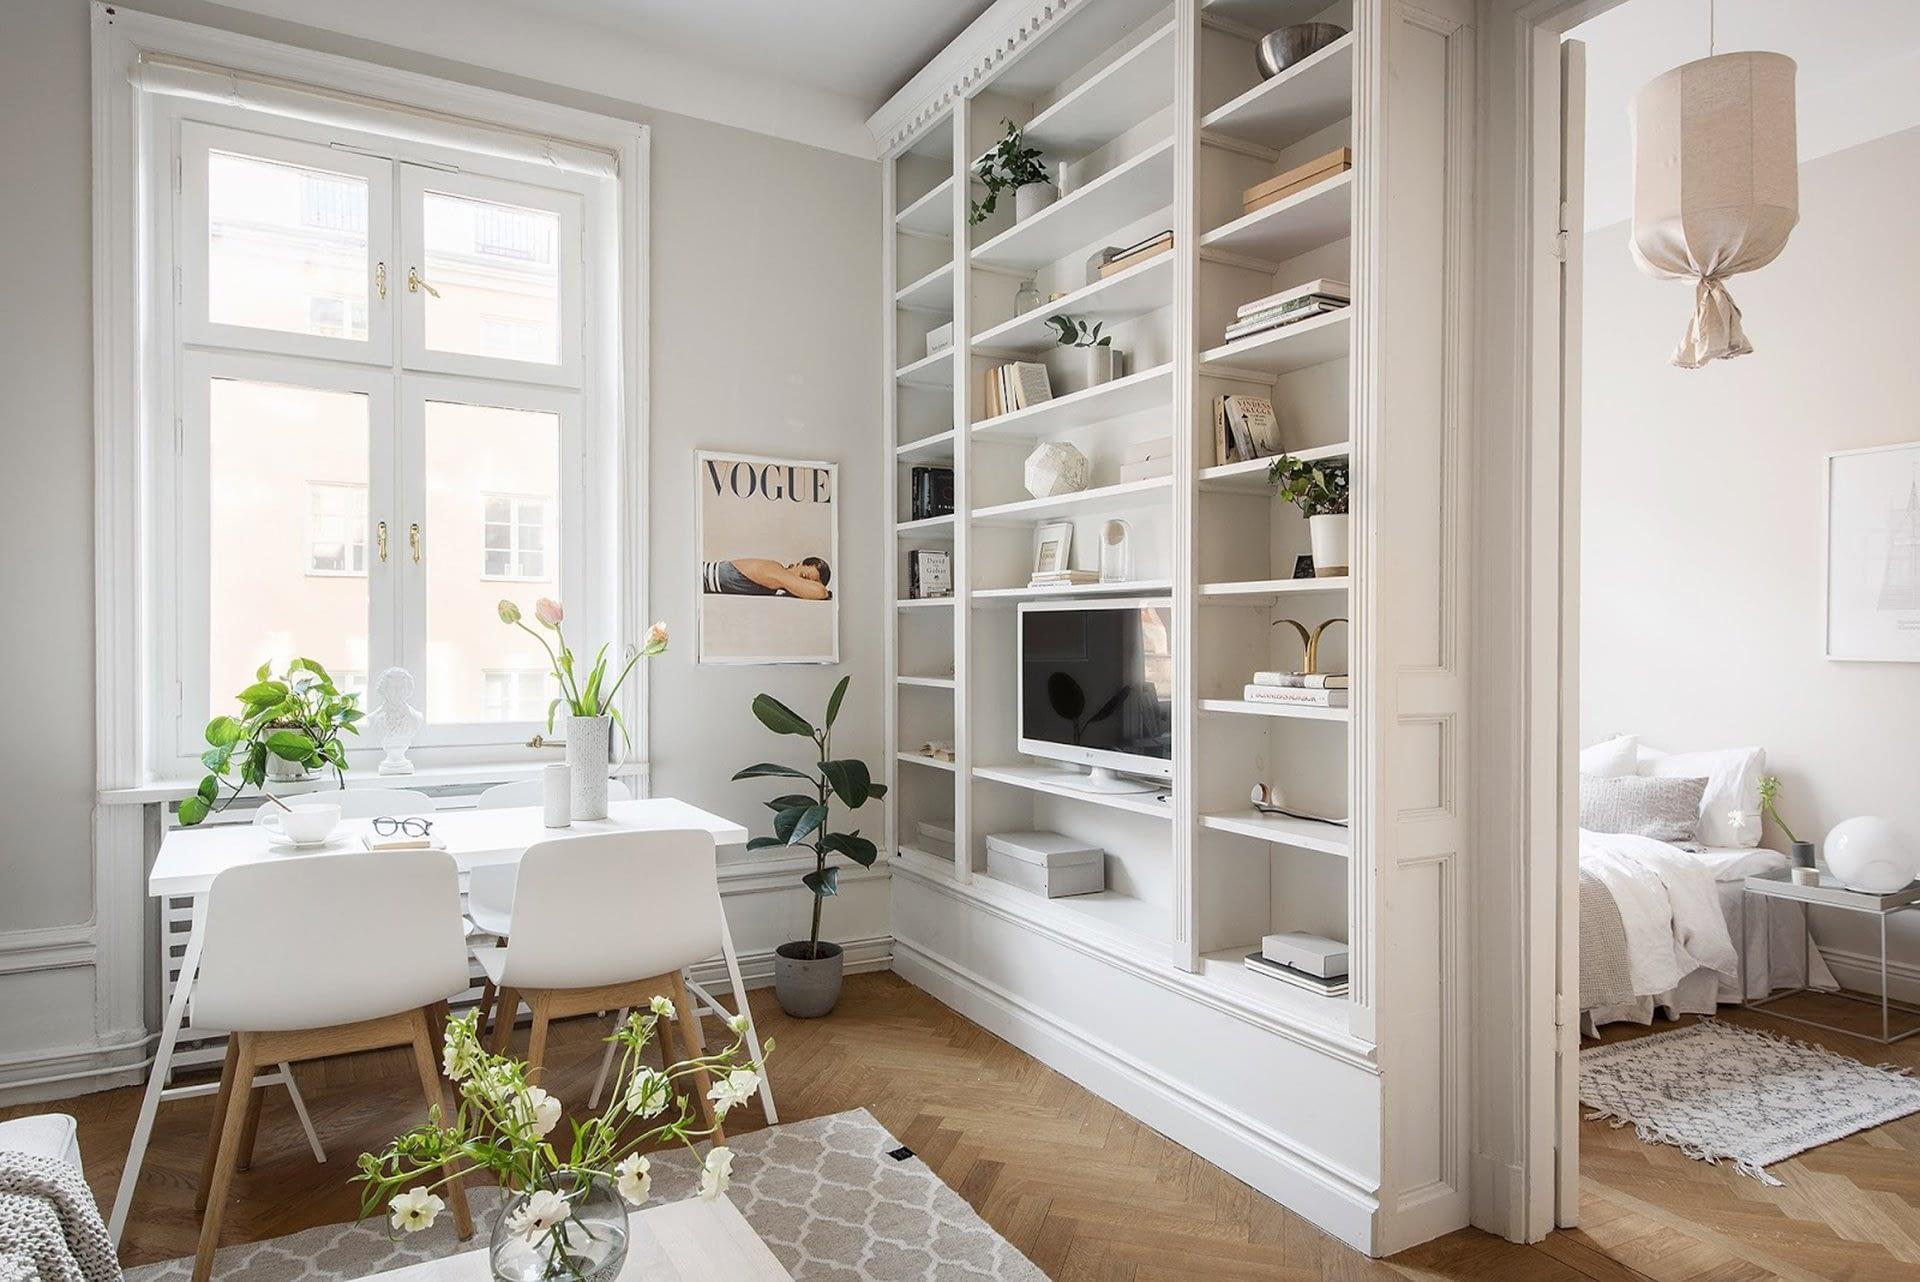 Amenajare scandinava in tonuri naturale de culoare intr-un apartament de 43 mp. 12